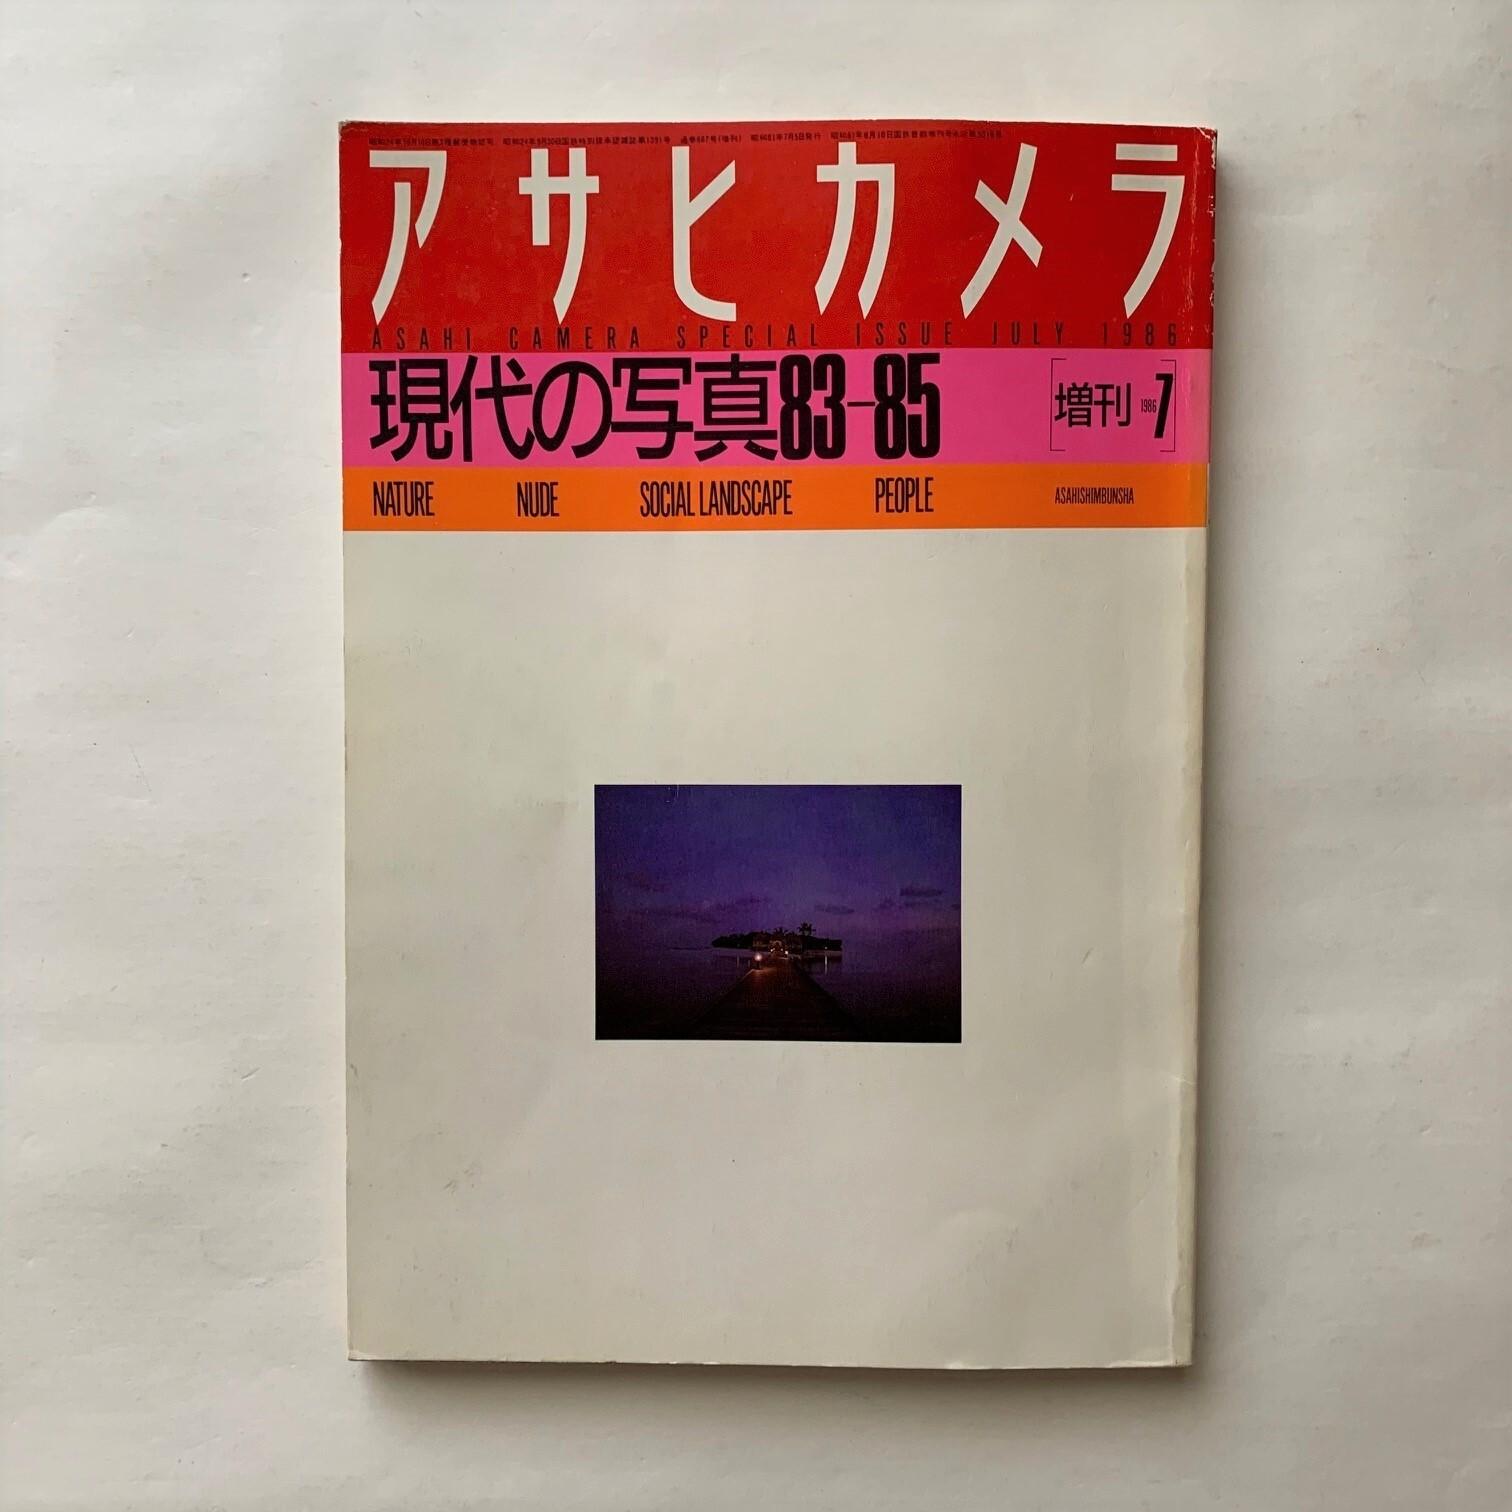 現代の写真 83-85  /  アサヒカメラ増刊7 / 朝日新聞社